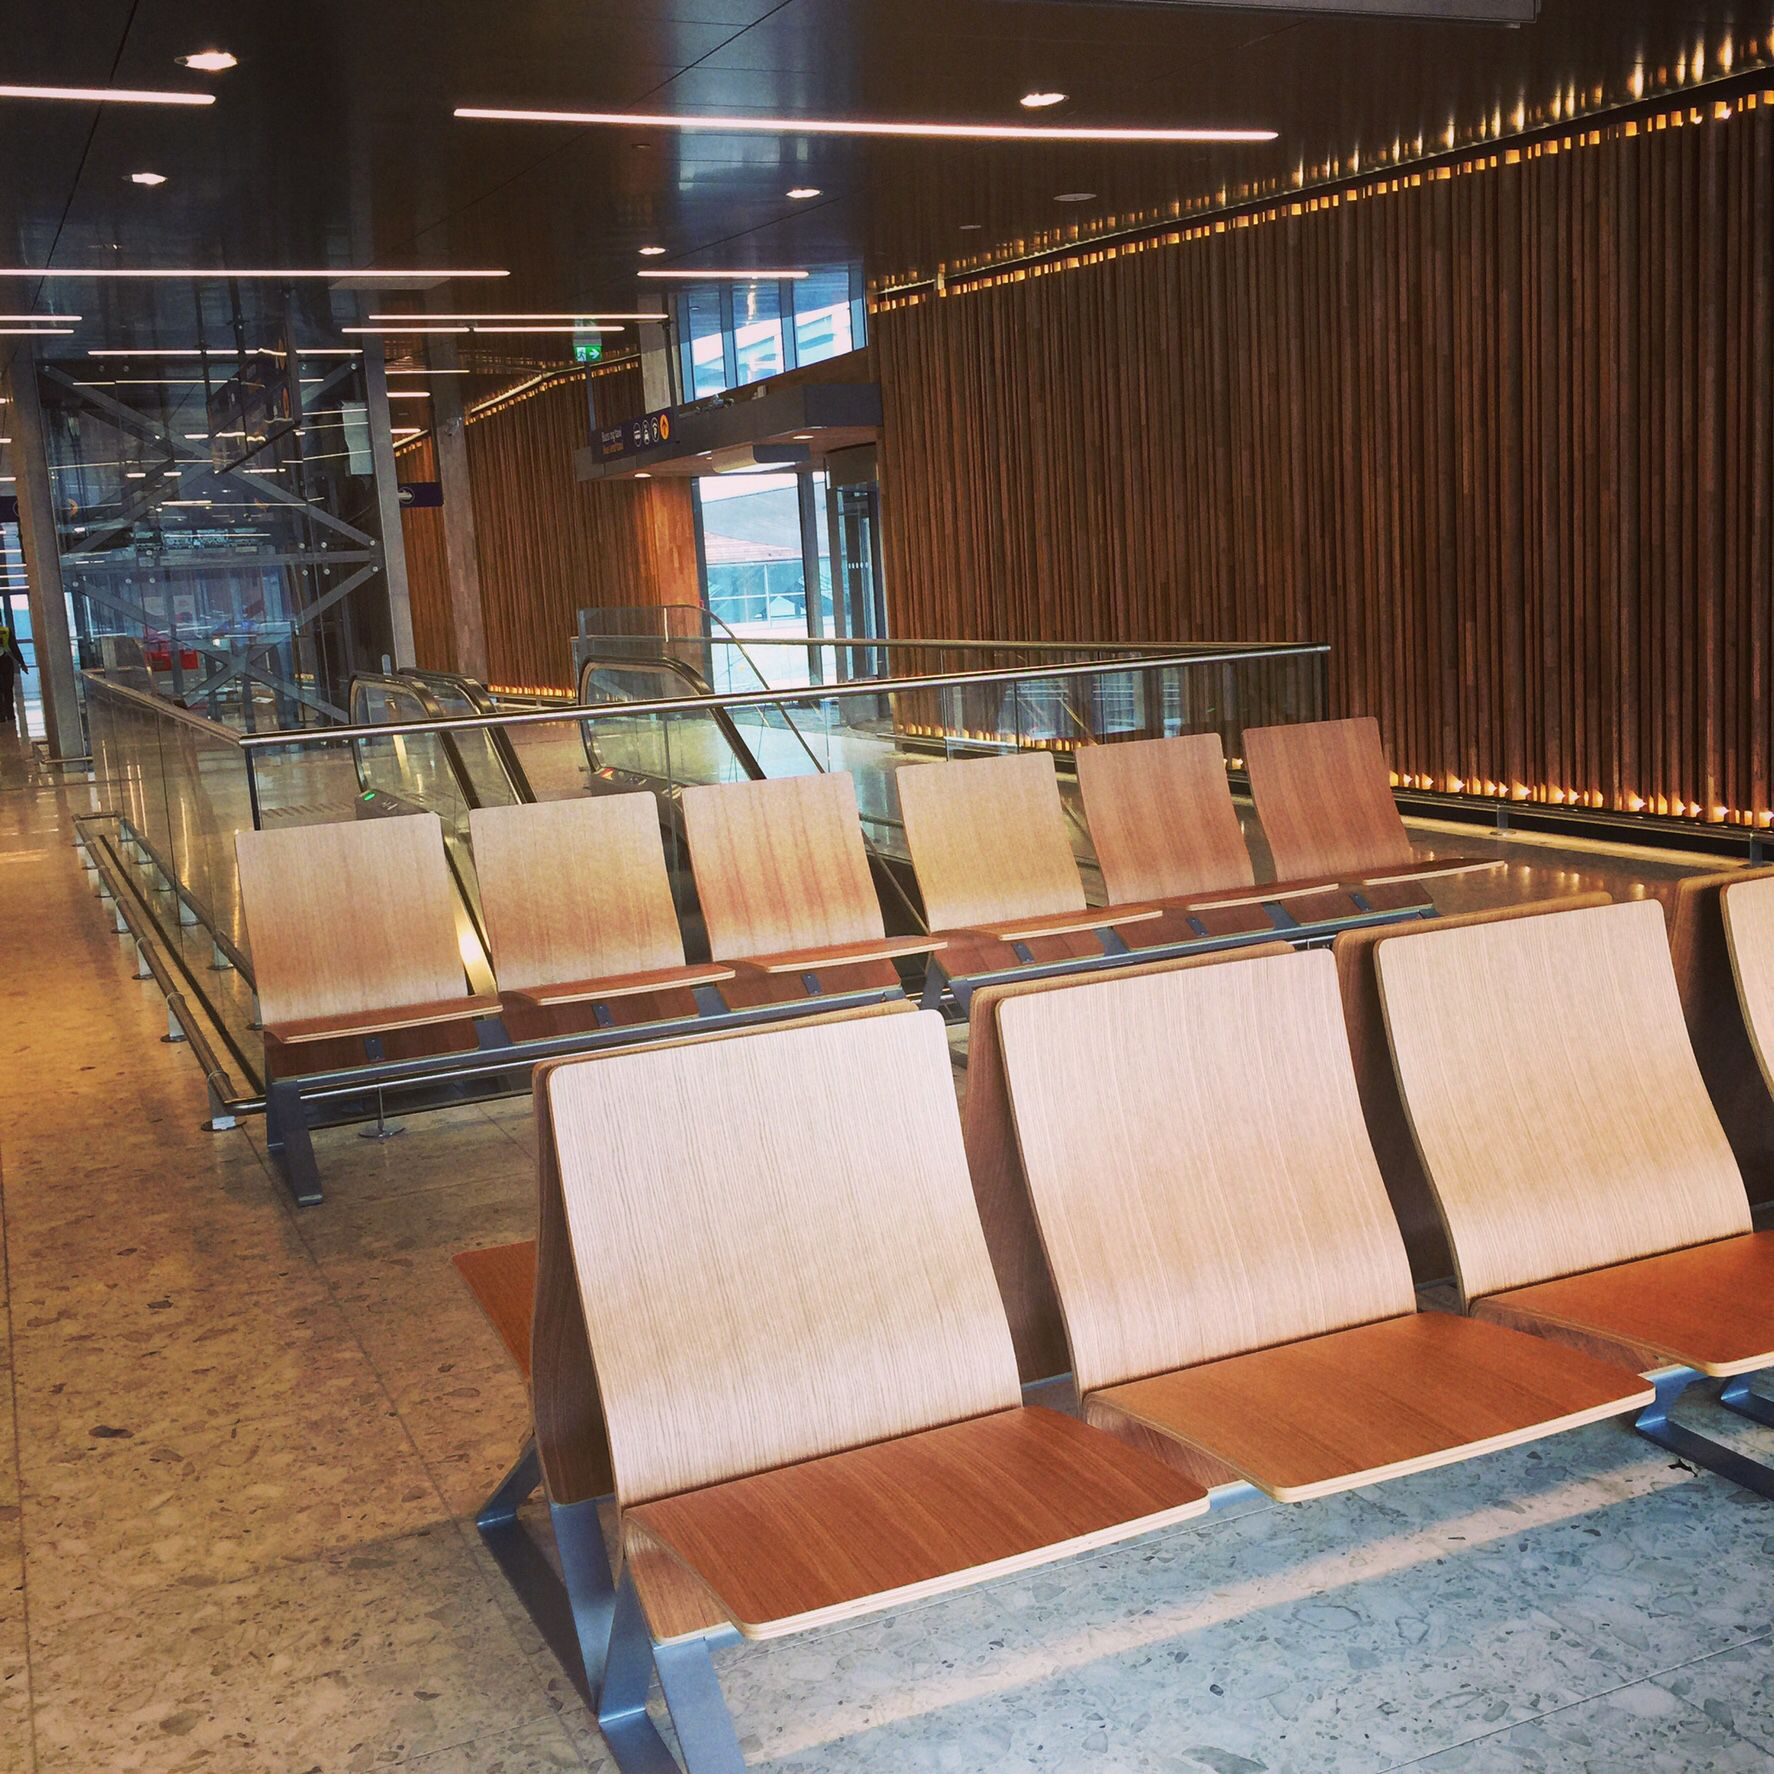 #Værneslufthavn ✈️